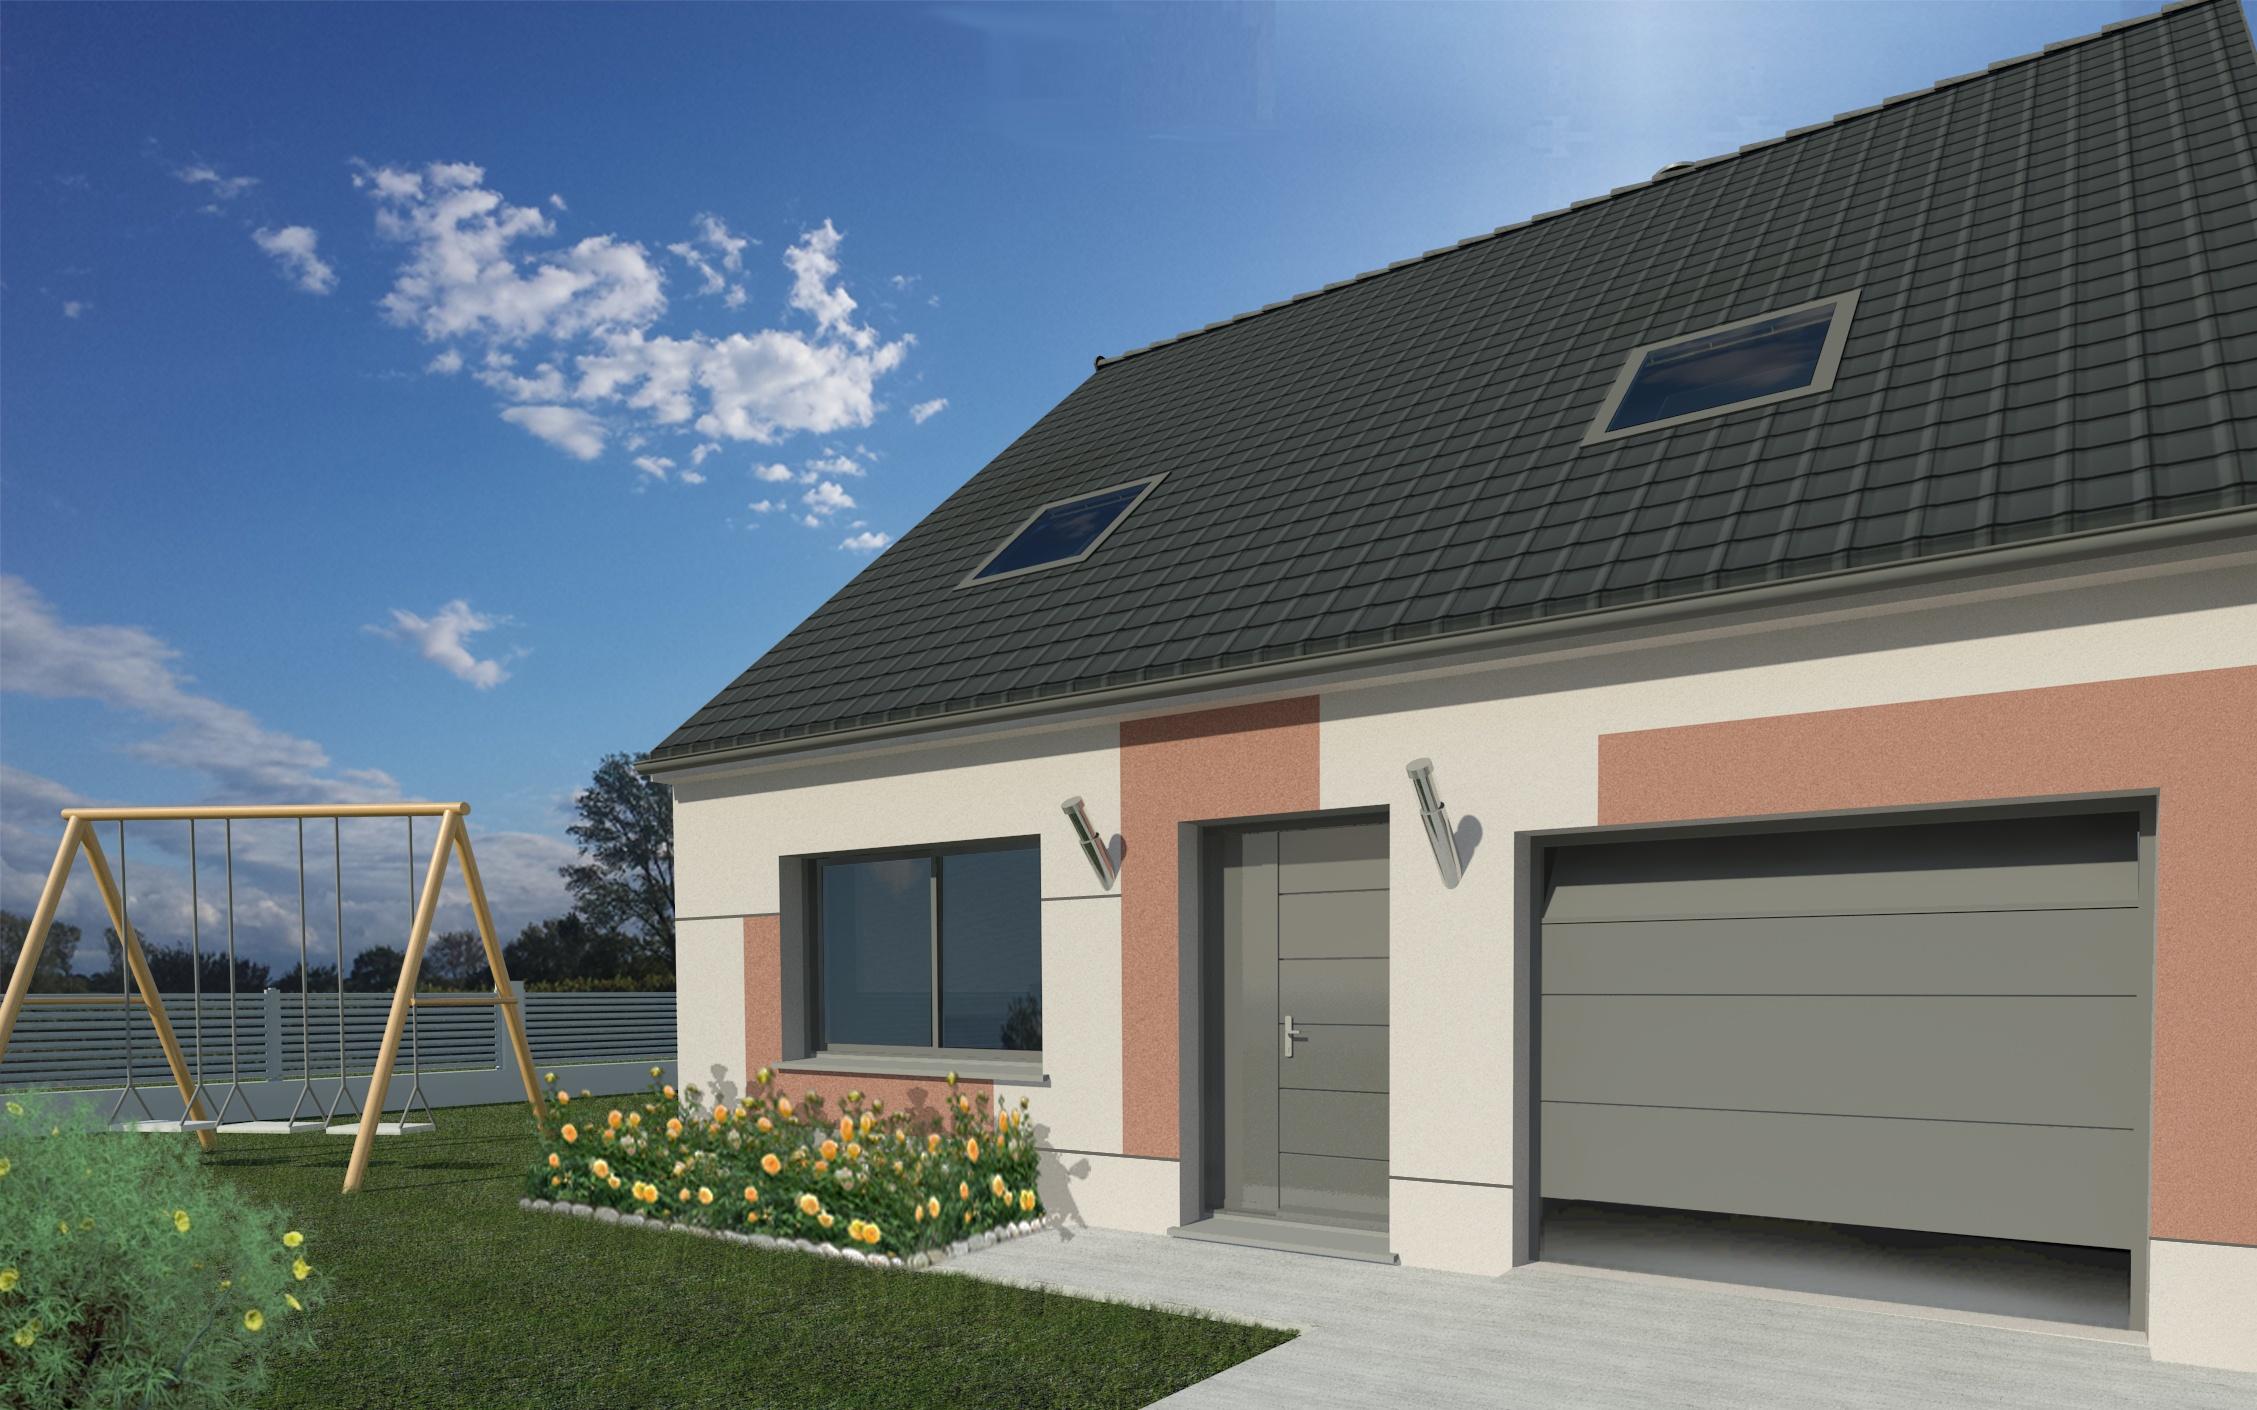 Maisons + Terrains du constructeur Maison Familiale Mazingarbe • 98 m² • MAZINGARBE